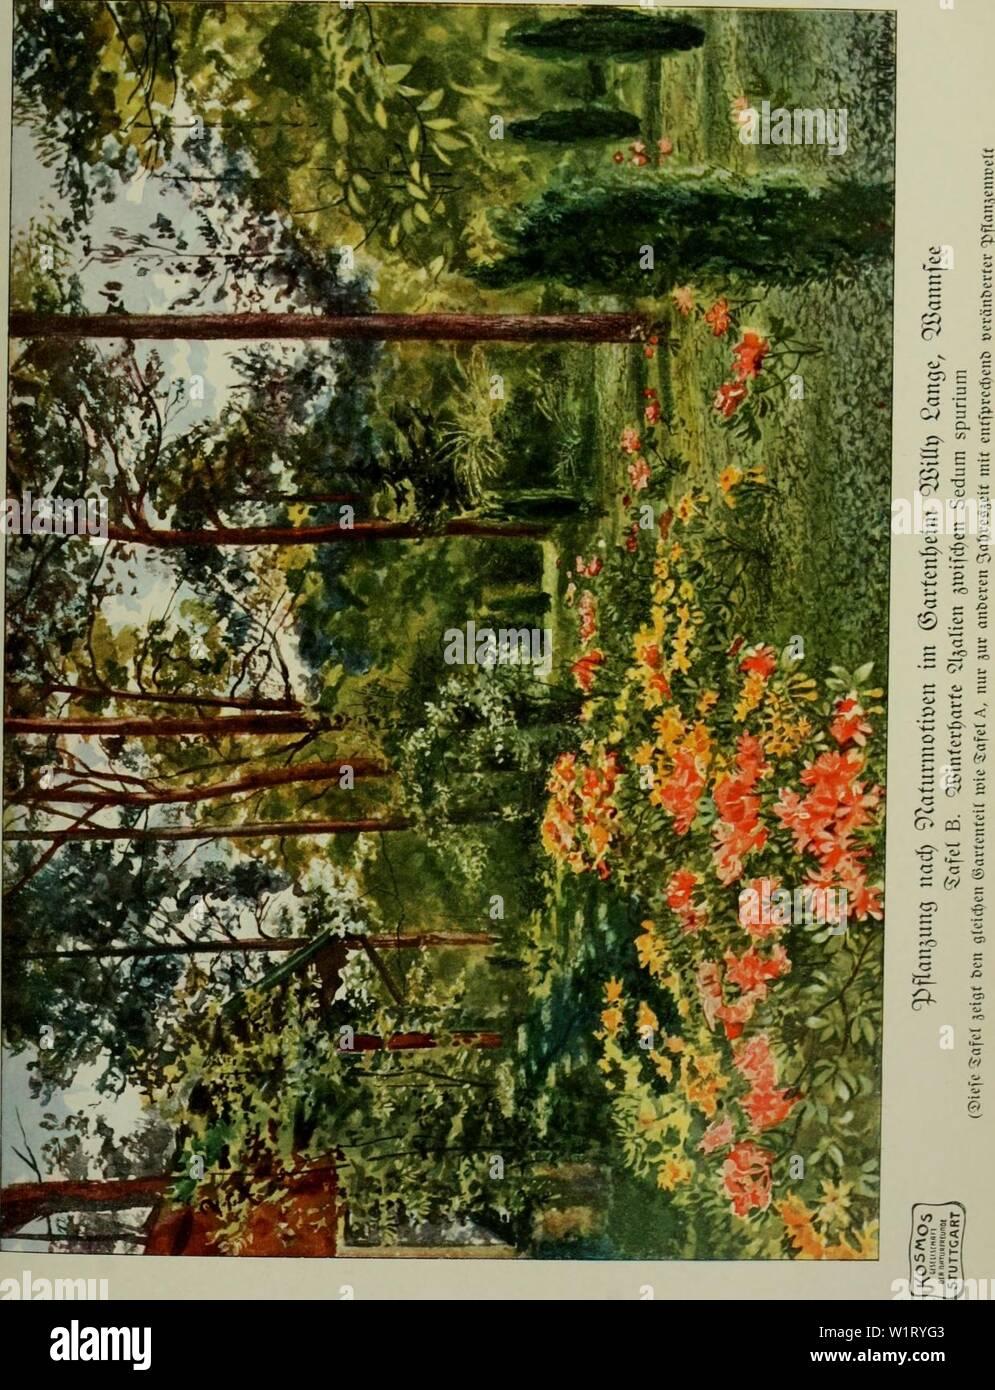 Archiv Bild von Seite 84 von Das Leben der Pflanze (1906). Das Leben der Pflanze daslebenderpflan 07 fran Jahr: 1906 Stockfoto